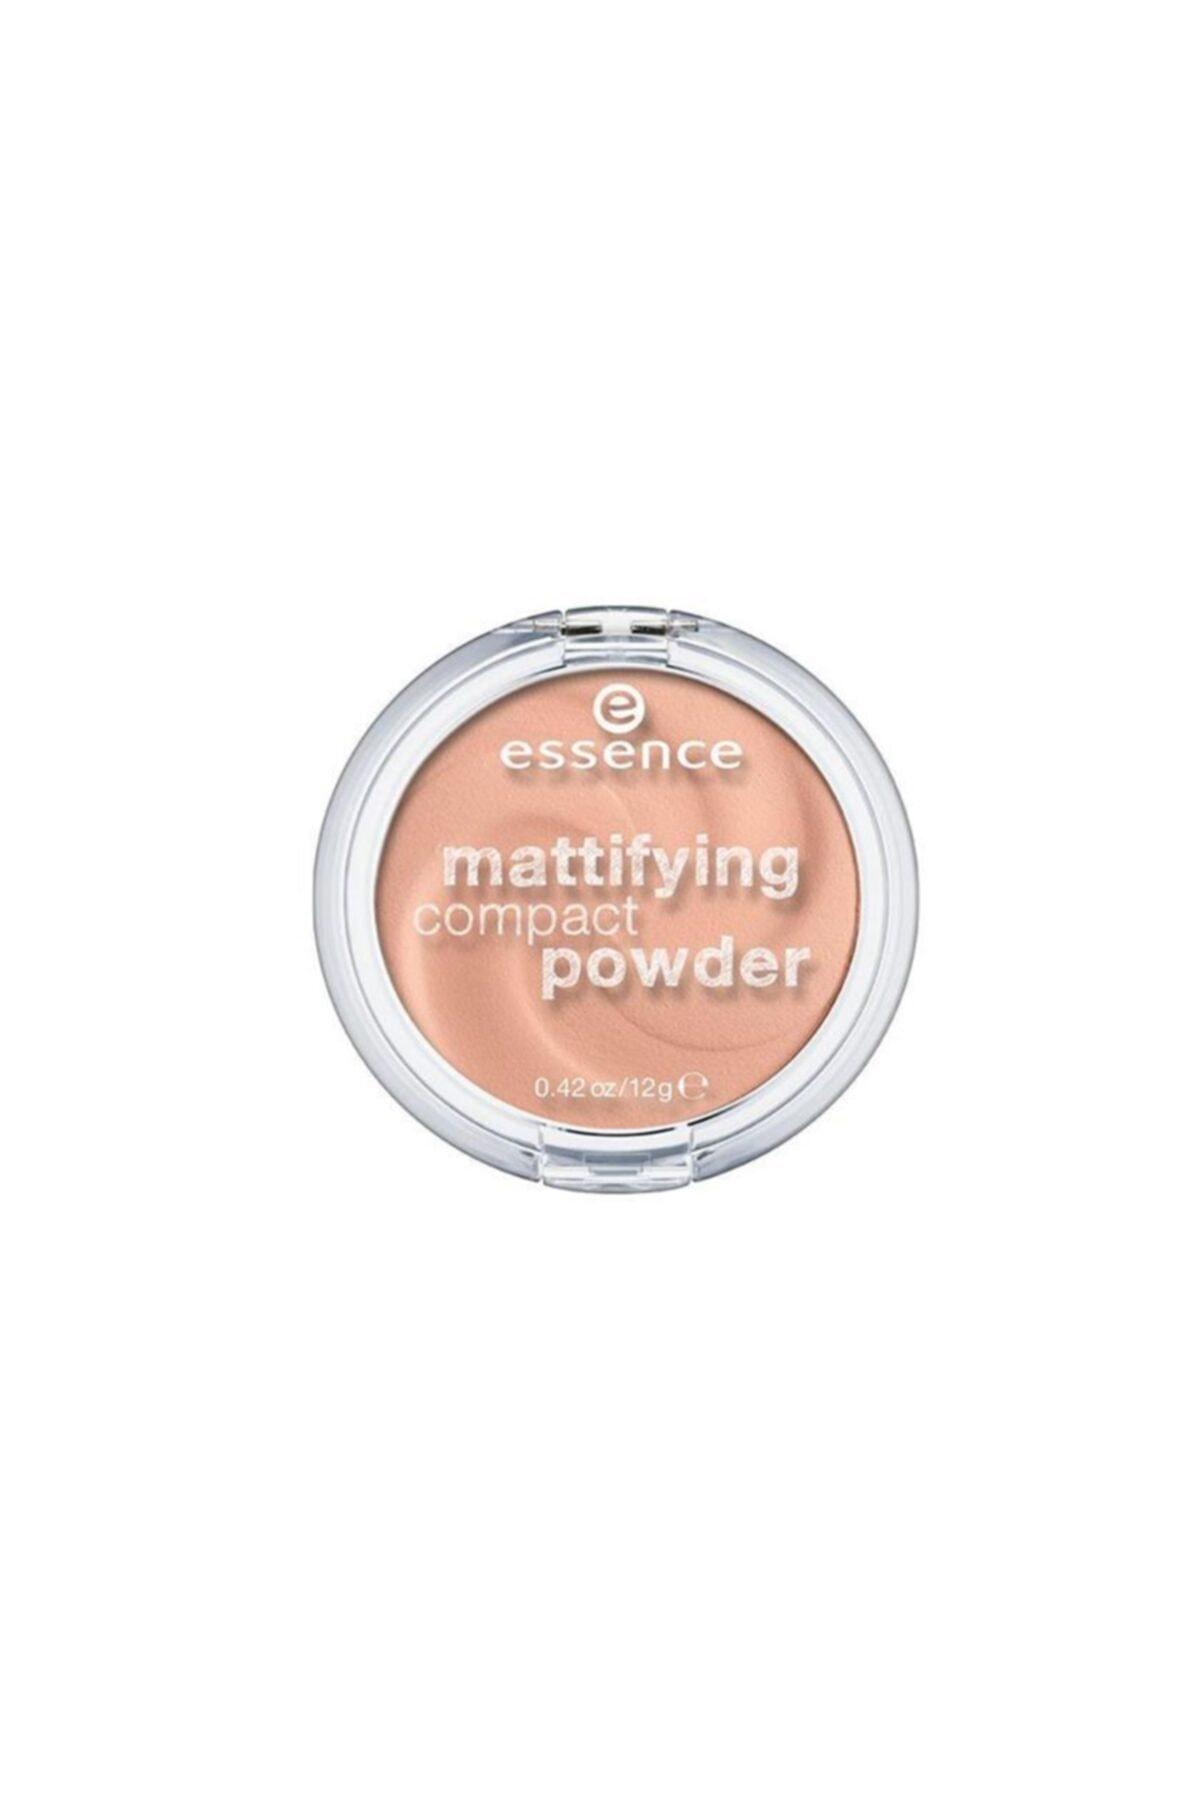 Essence Mattifying Compact Powder Pudra 04. Perfect Beıge 1